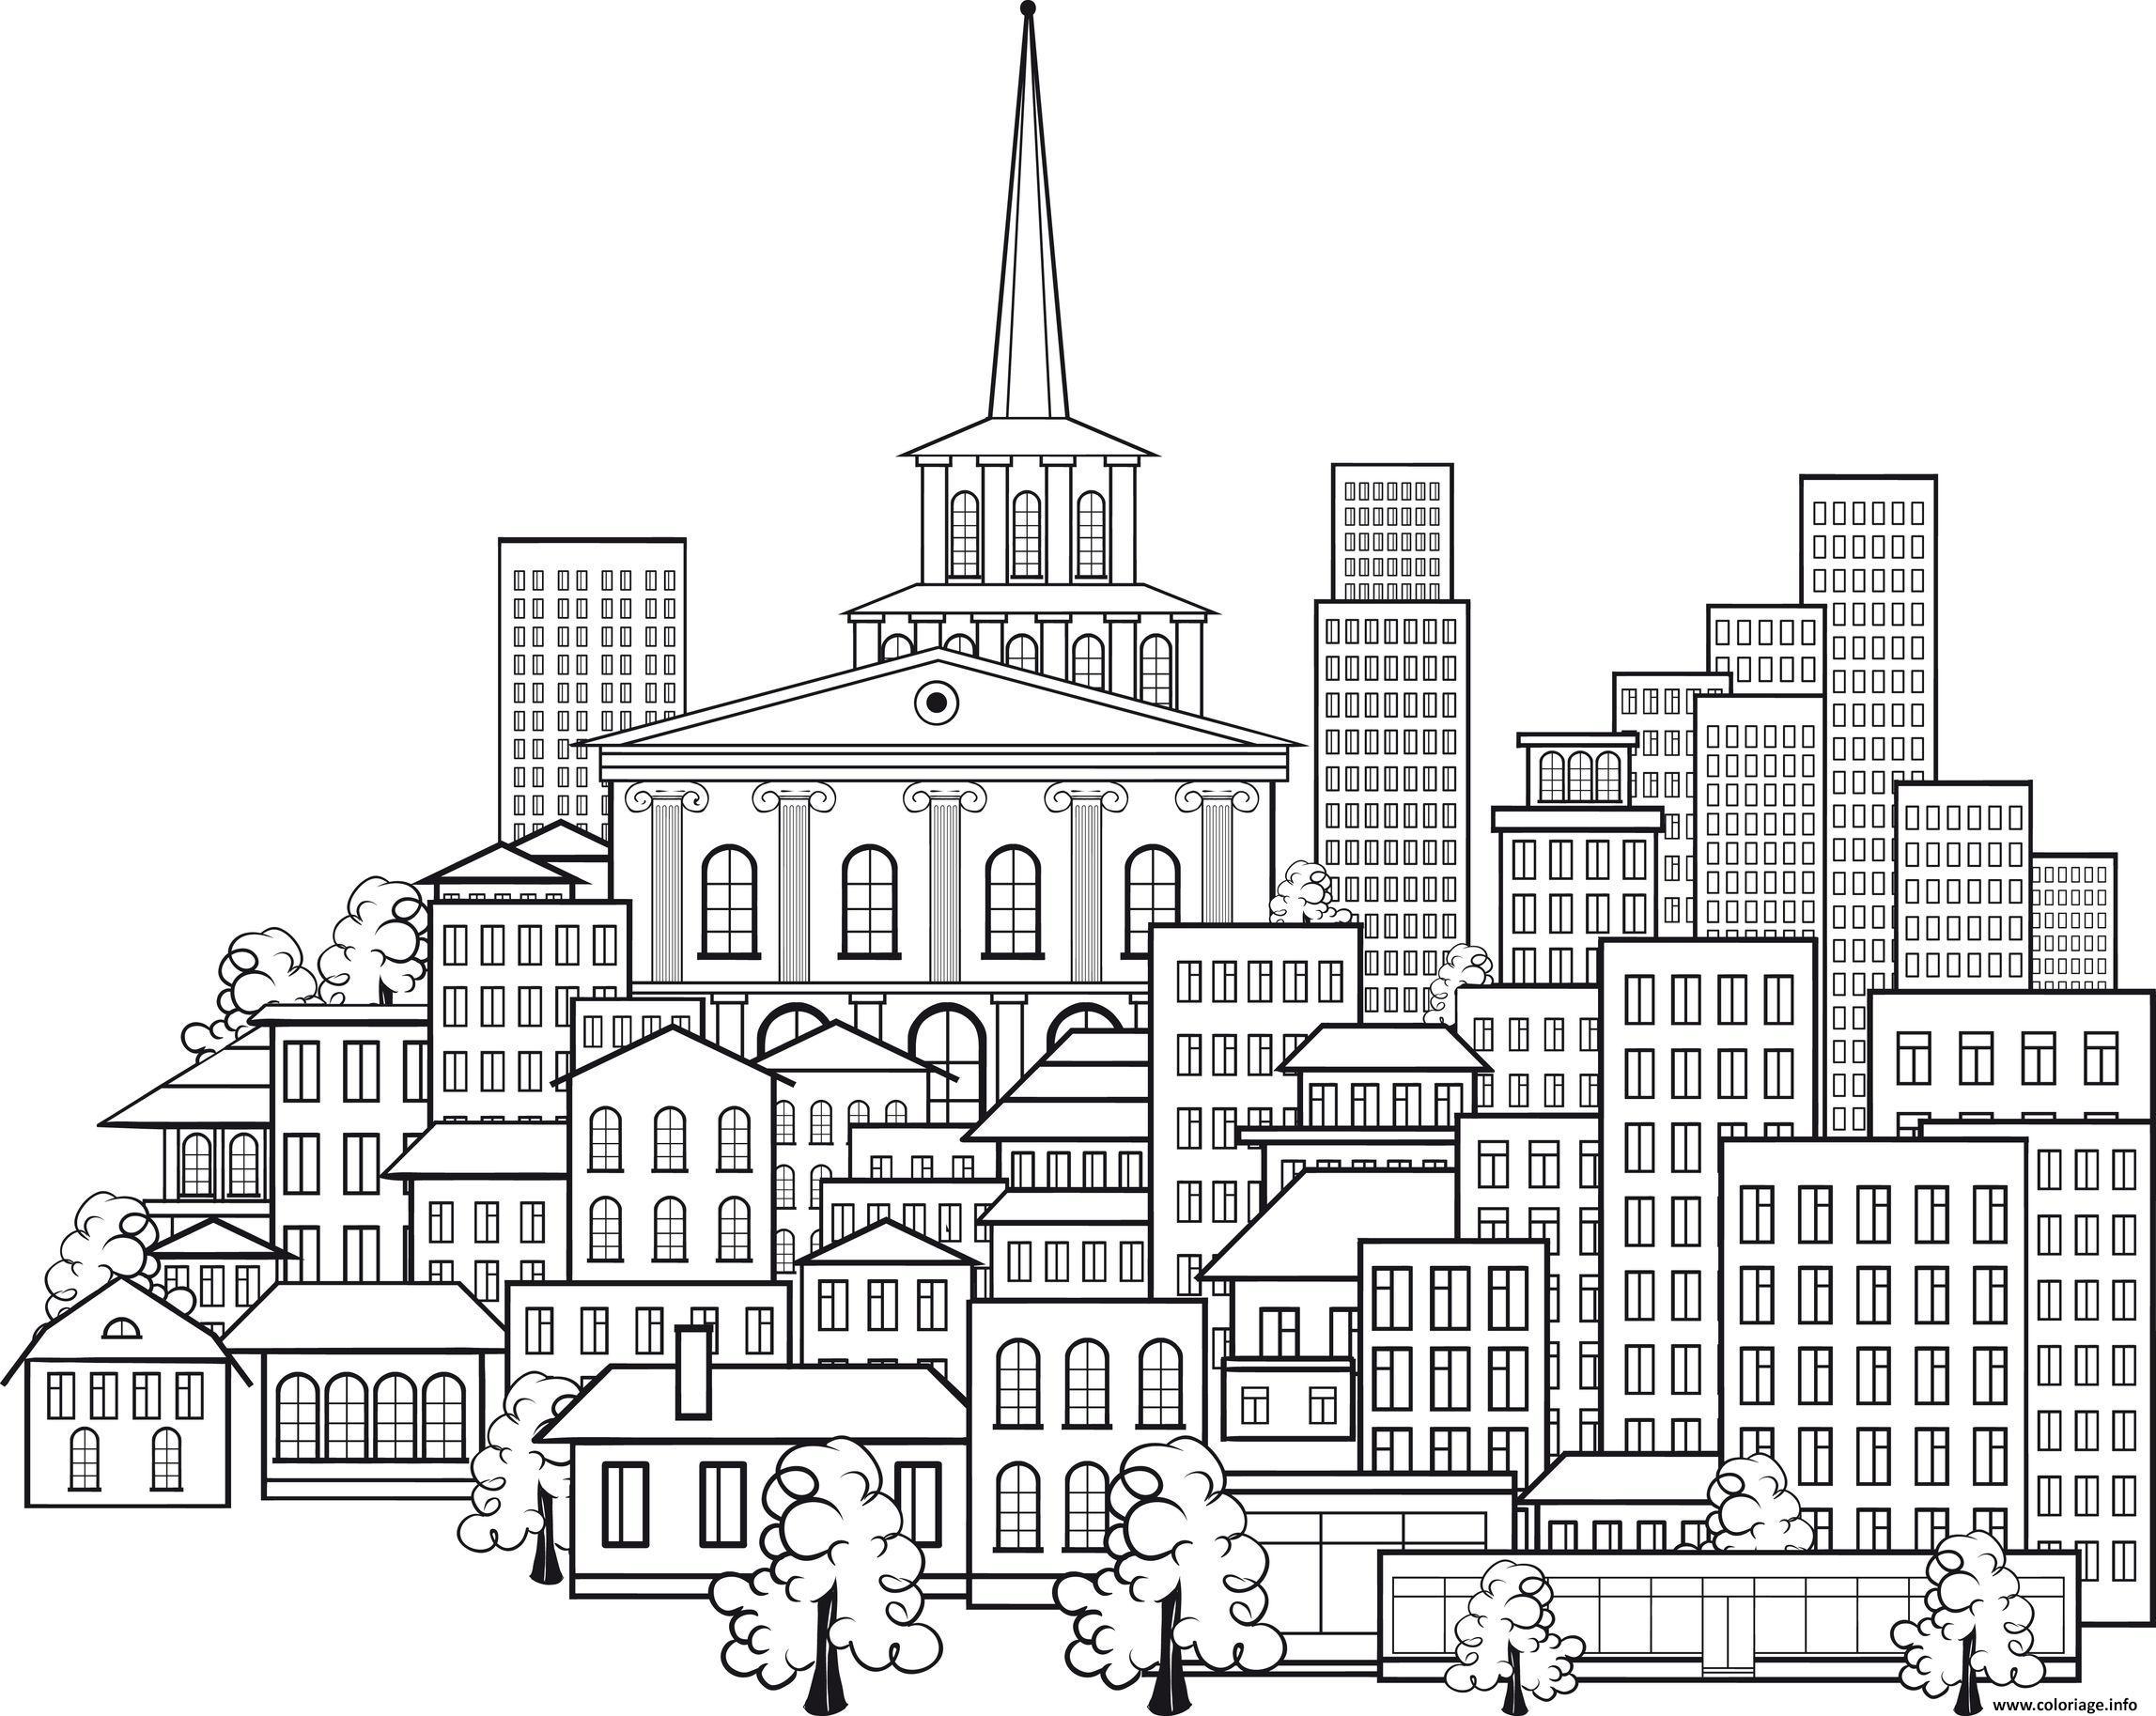 Dessin ville paysage urbain Coloriage Gratuit à Imprimer